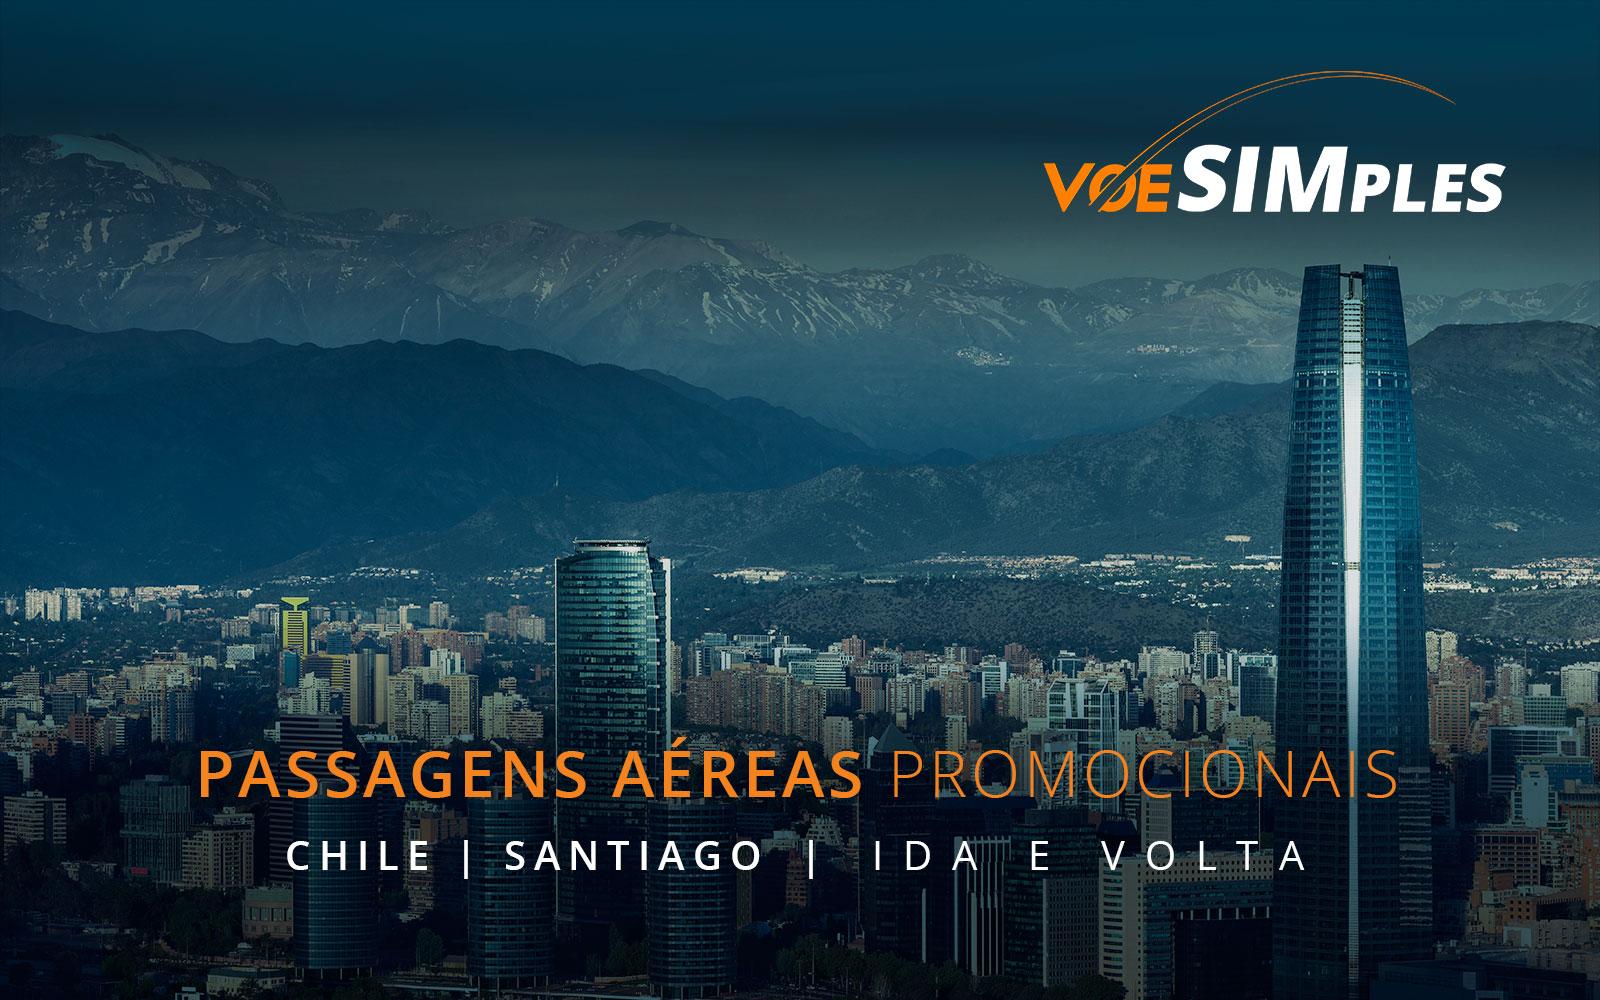 Passagens aéreas promocionais para Santiago do Chile